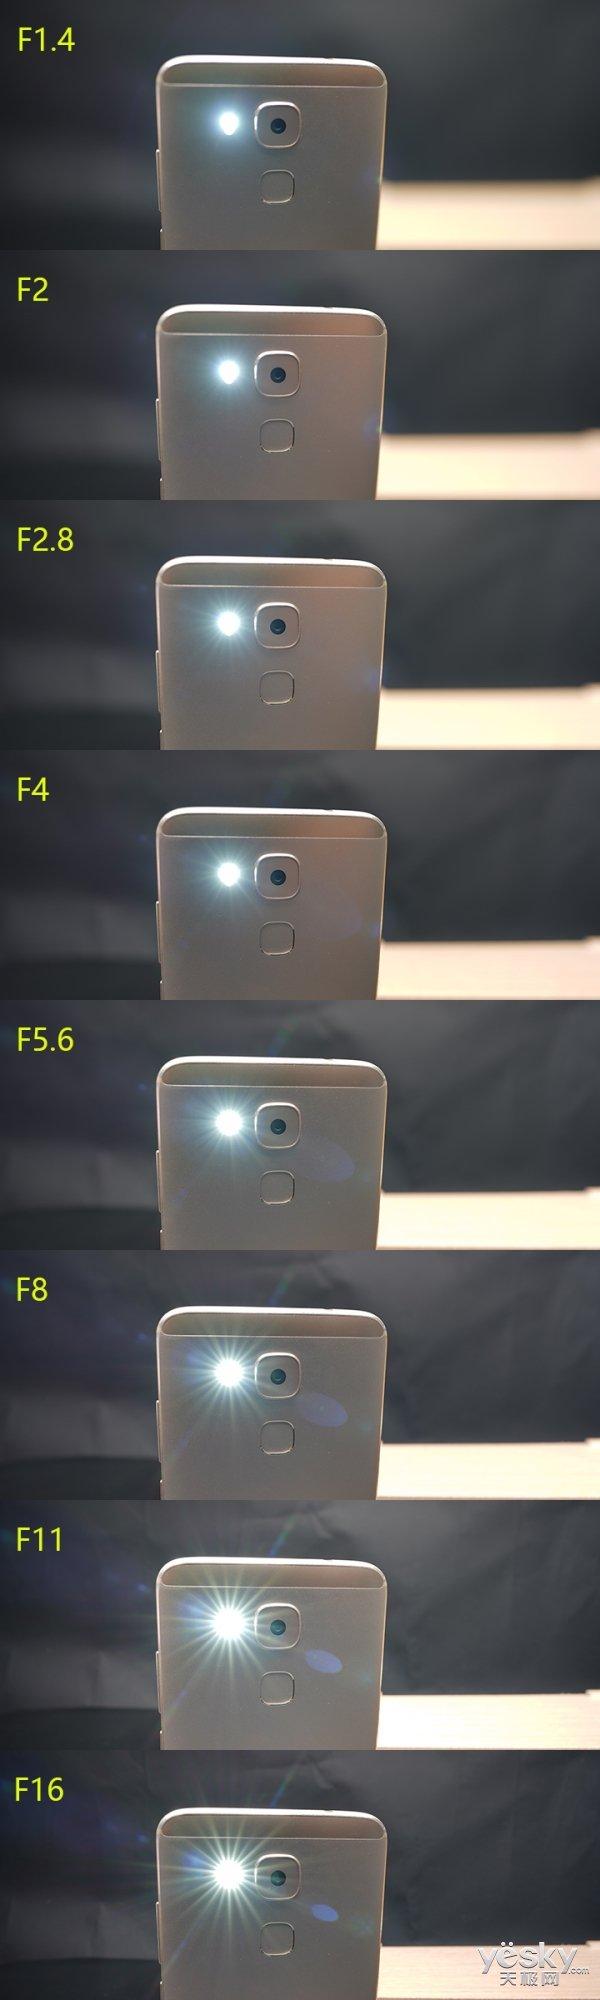 一上手就爱不释手 索尼FE 24mm F1.4 GM评测